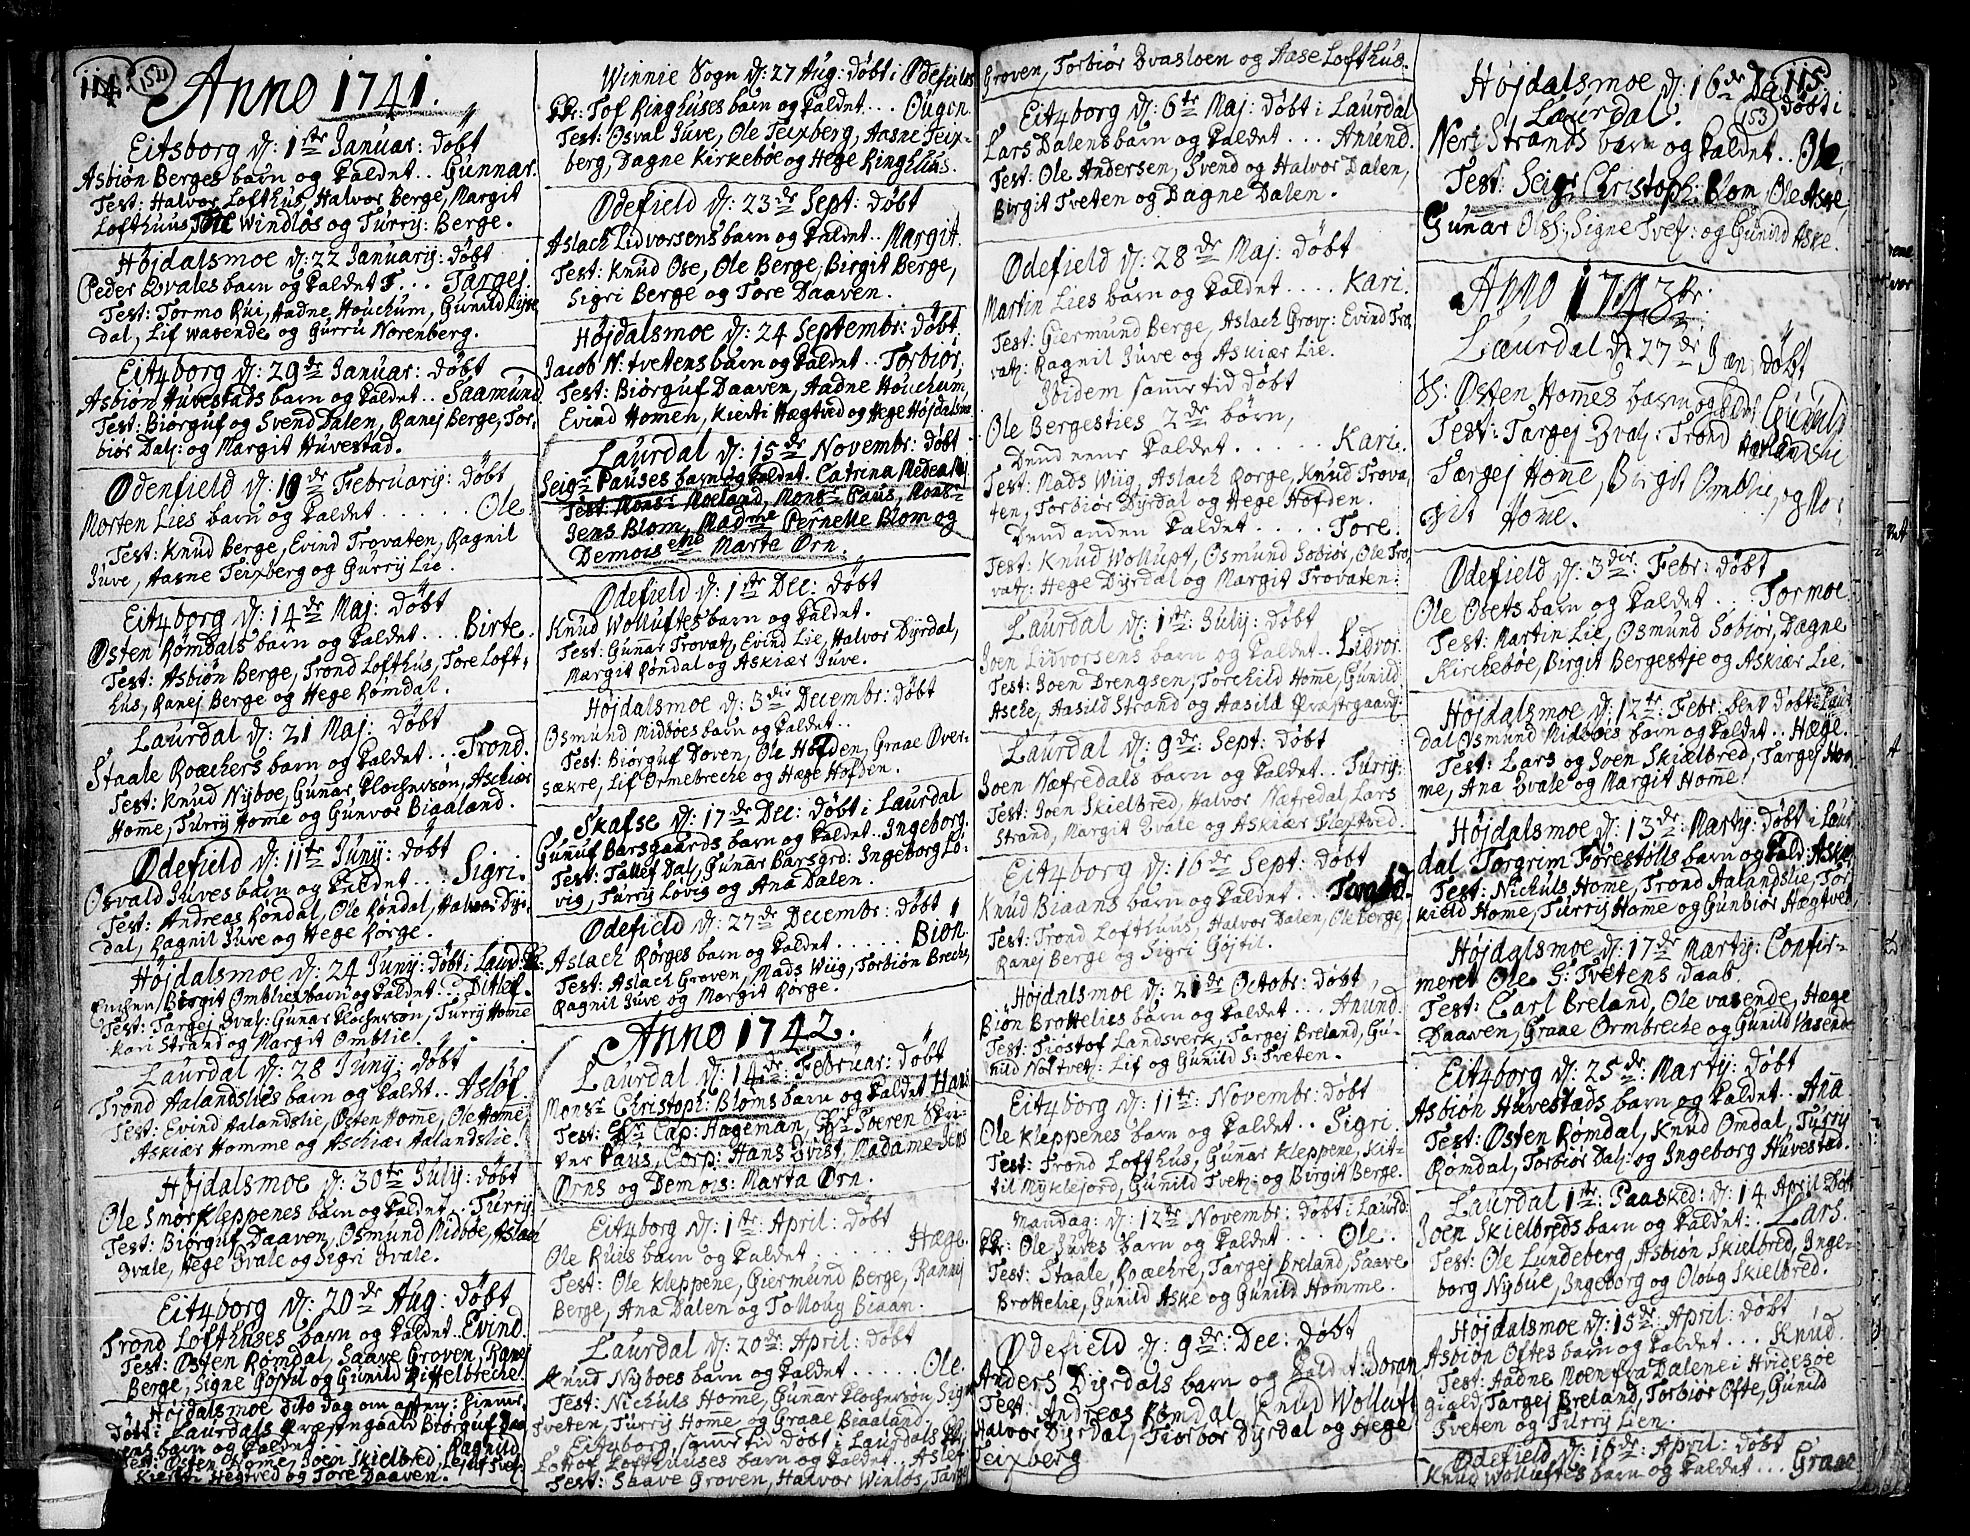 SAKO, Lårdal kirkebøker, F/Fa/L0002: Ministerialbok nr. I 2, 1734-1754, s. 152-153